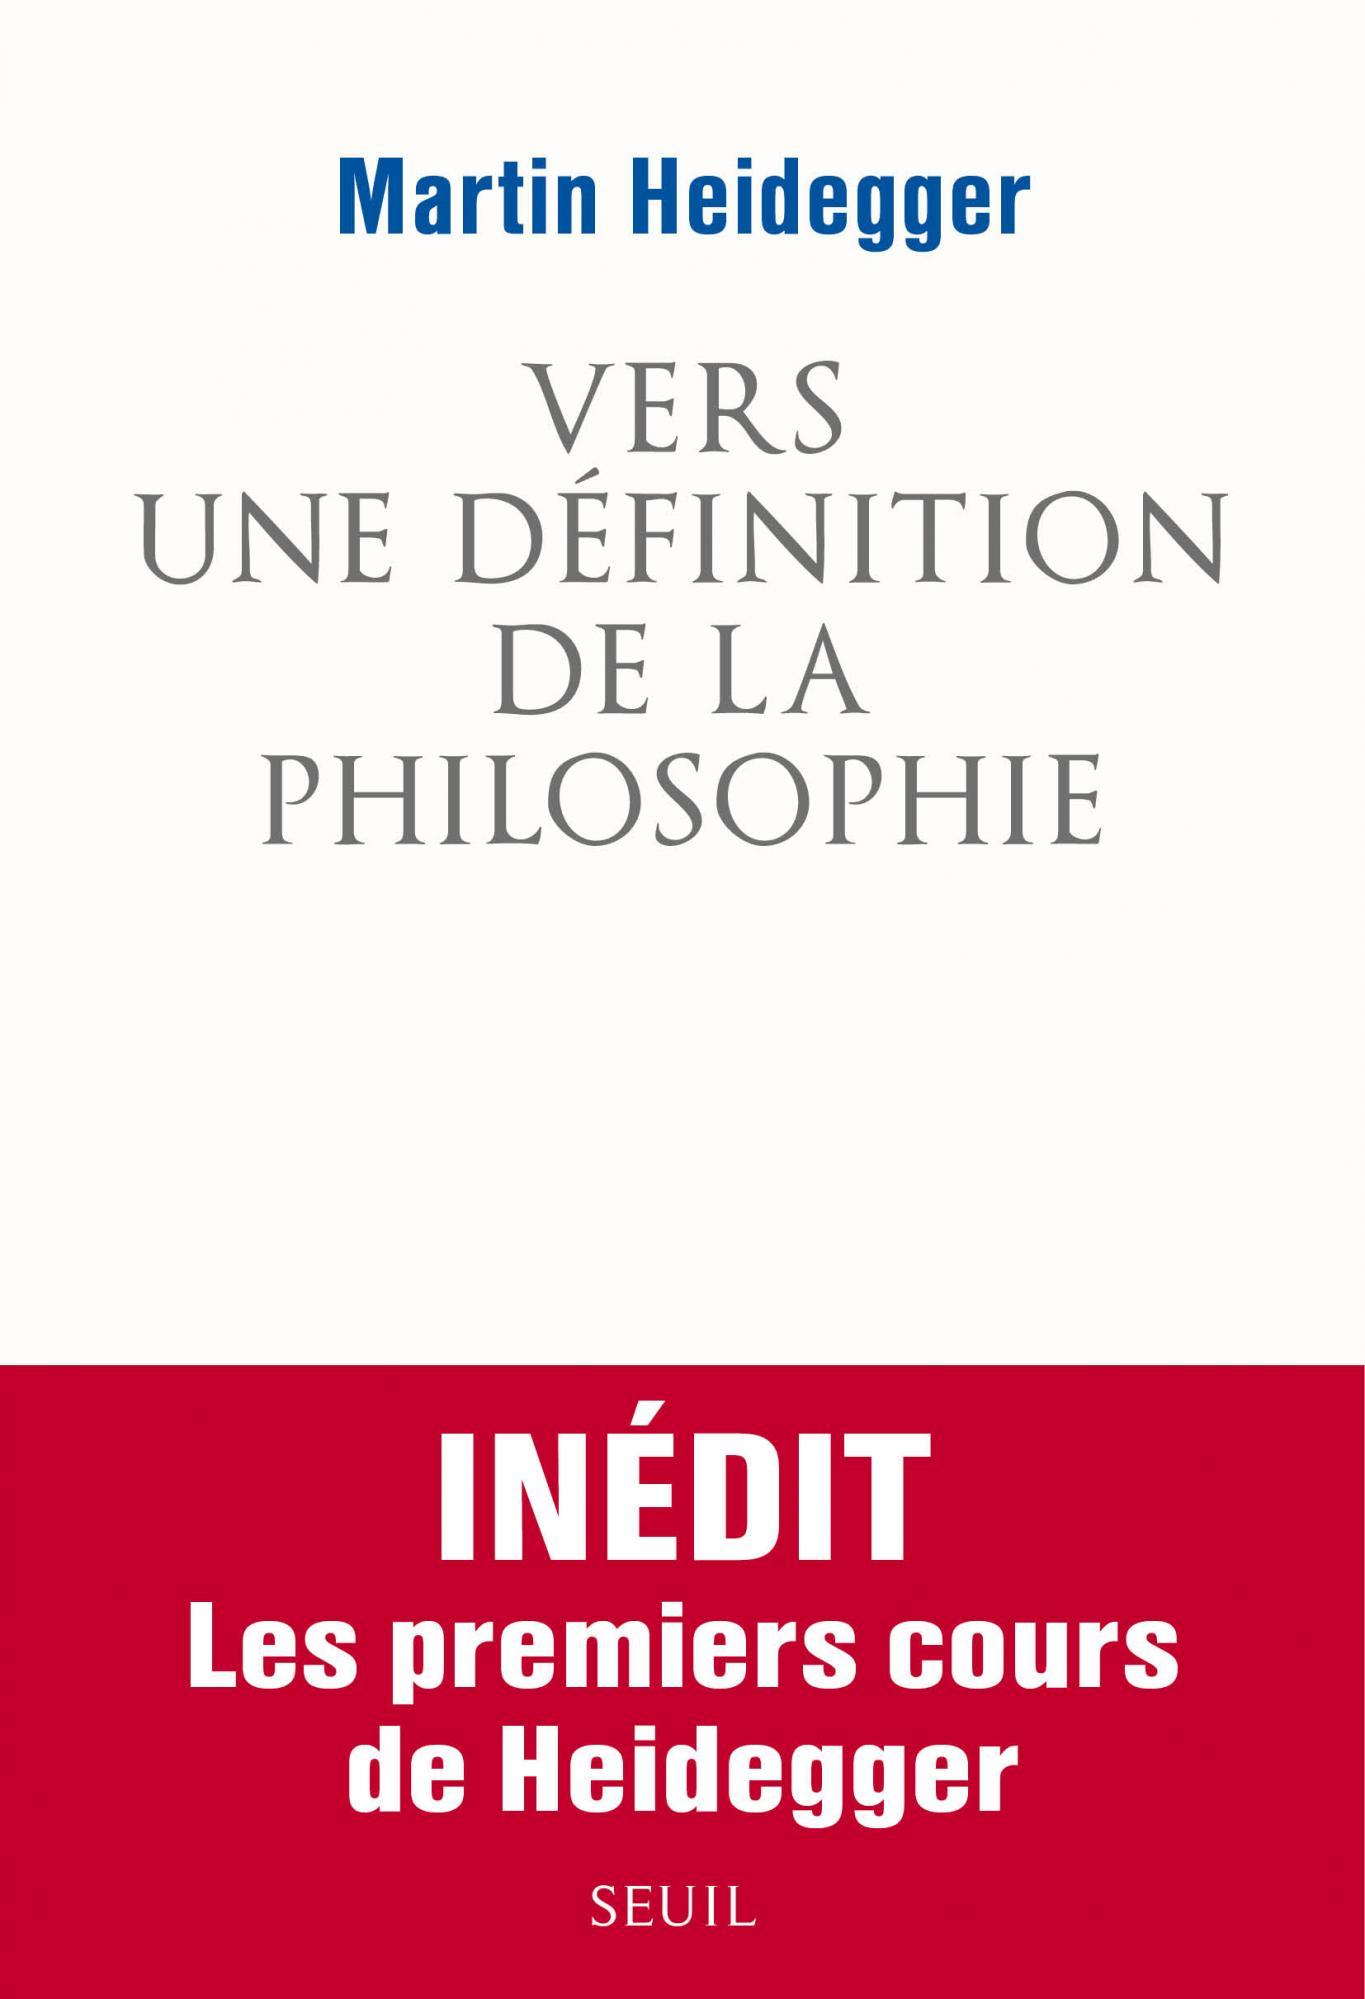 M. Heidegger, Vers une définition de la philosophie (cours inédit)